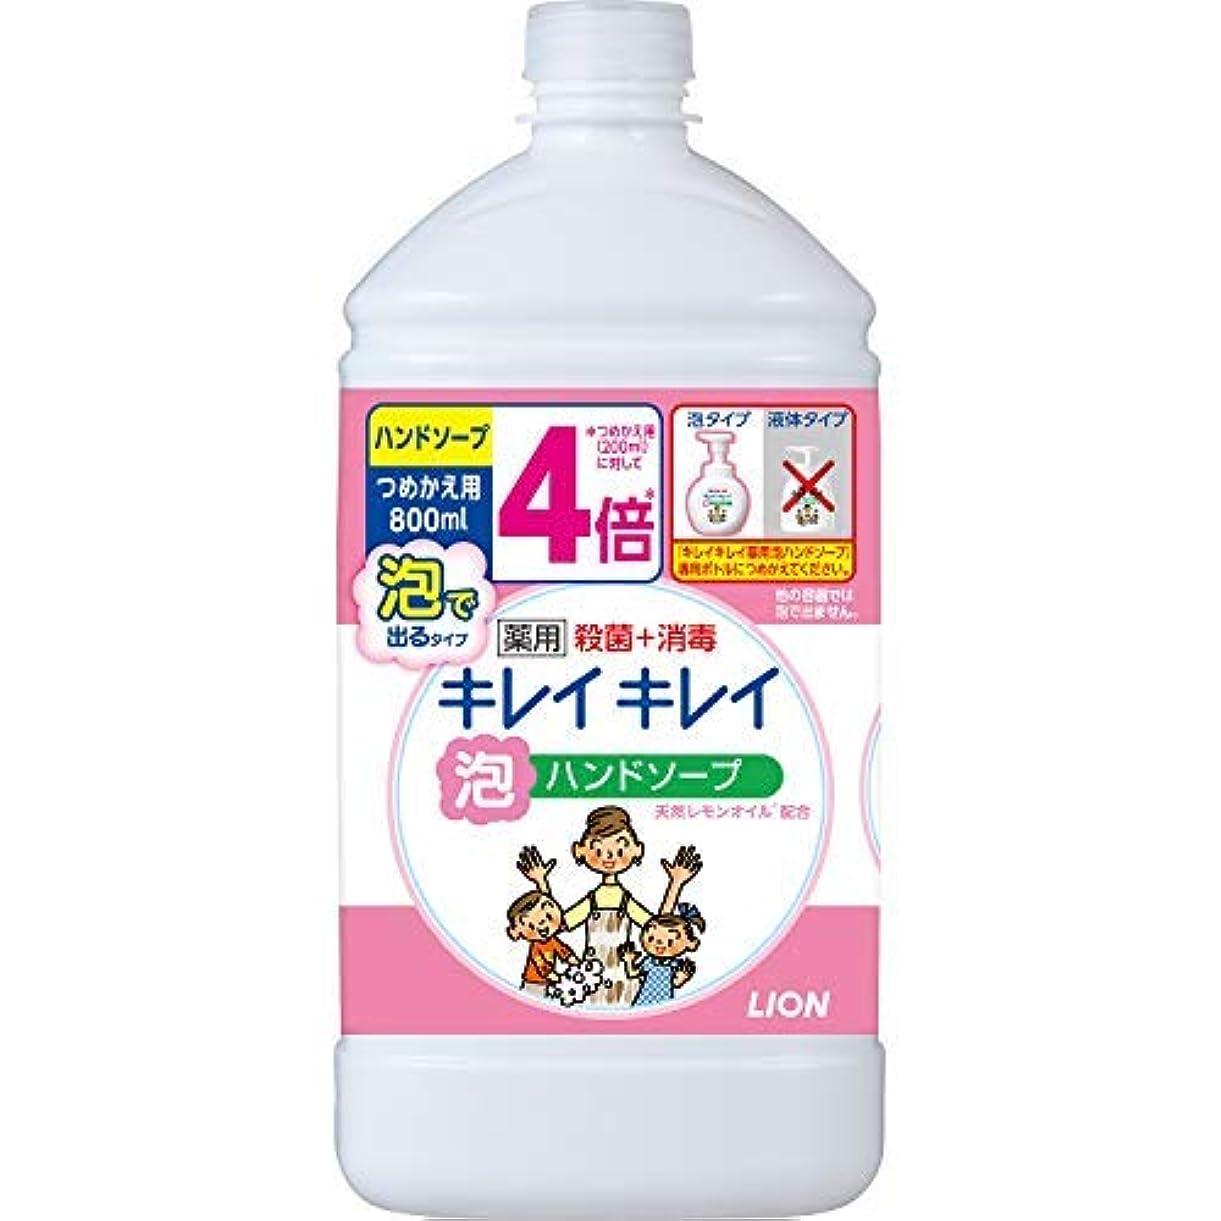 にやにや処方するビジュアルキレイキレイ 薬用泡ハンドソープ つめかえ用特大サイズ シトラスフルーティ × 2個セット